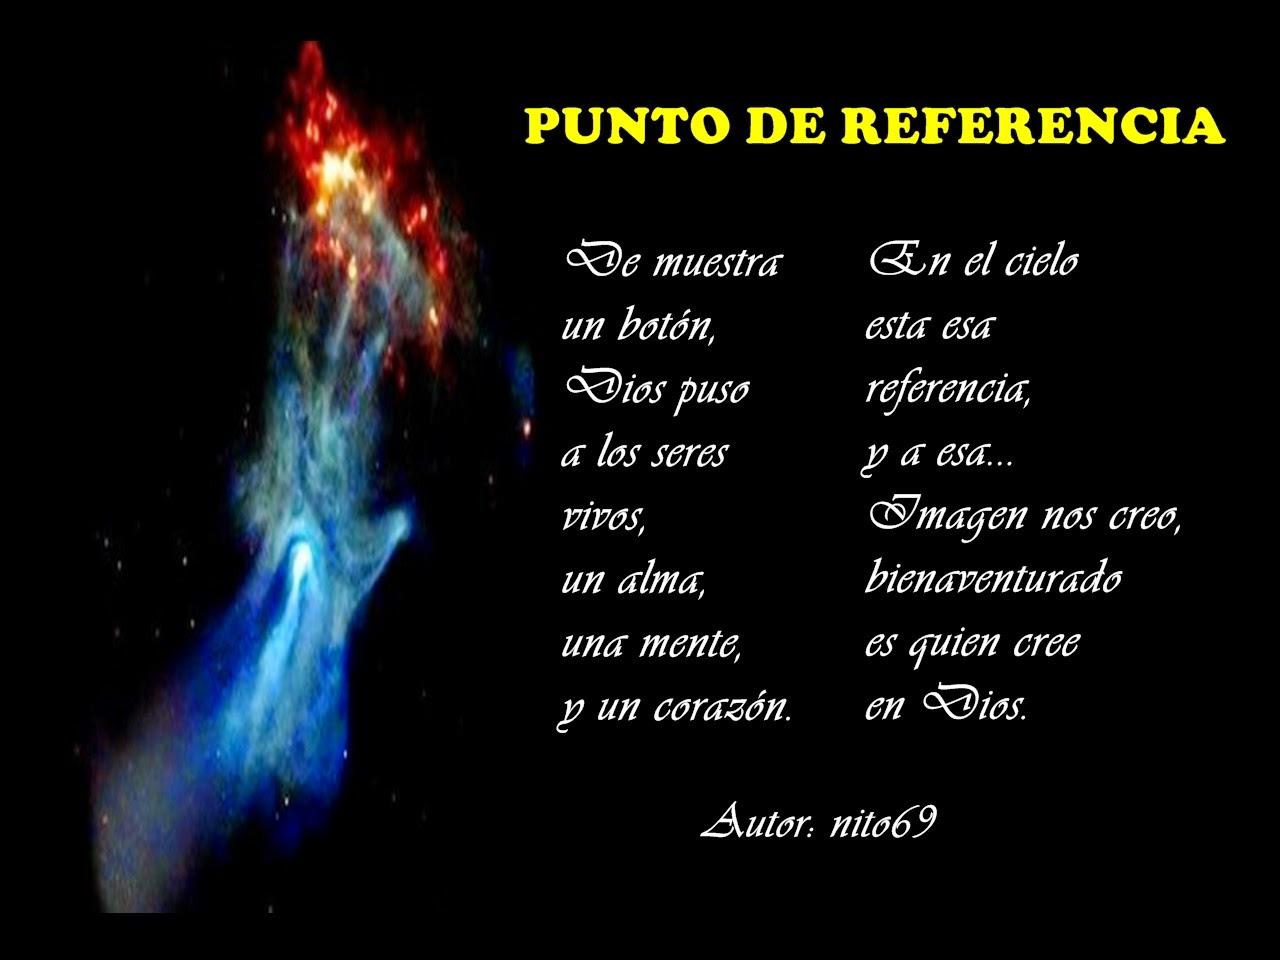 PUNTO DE REFERENCIA